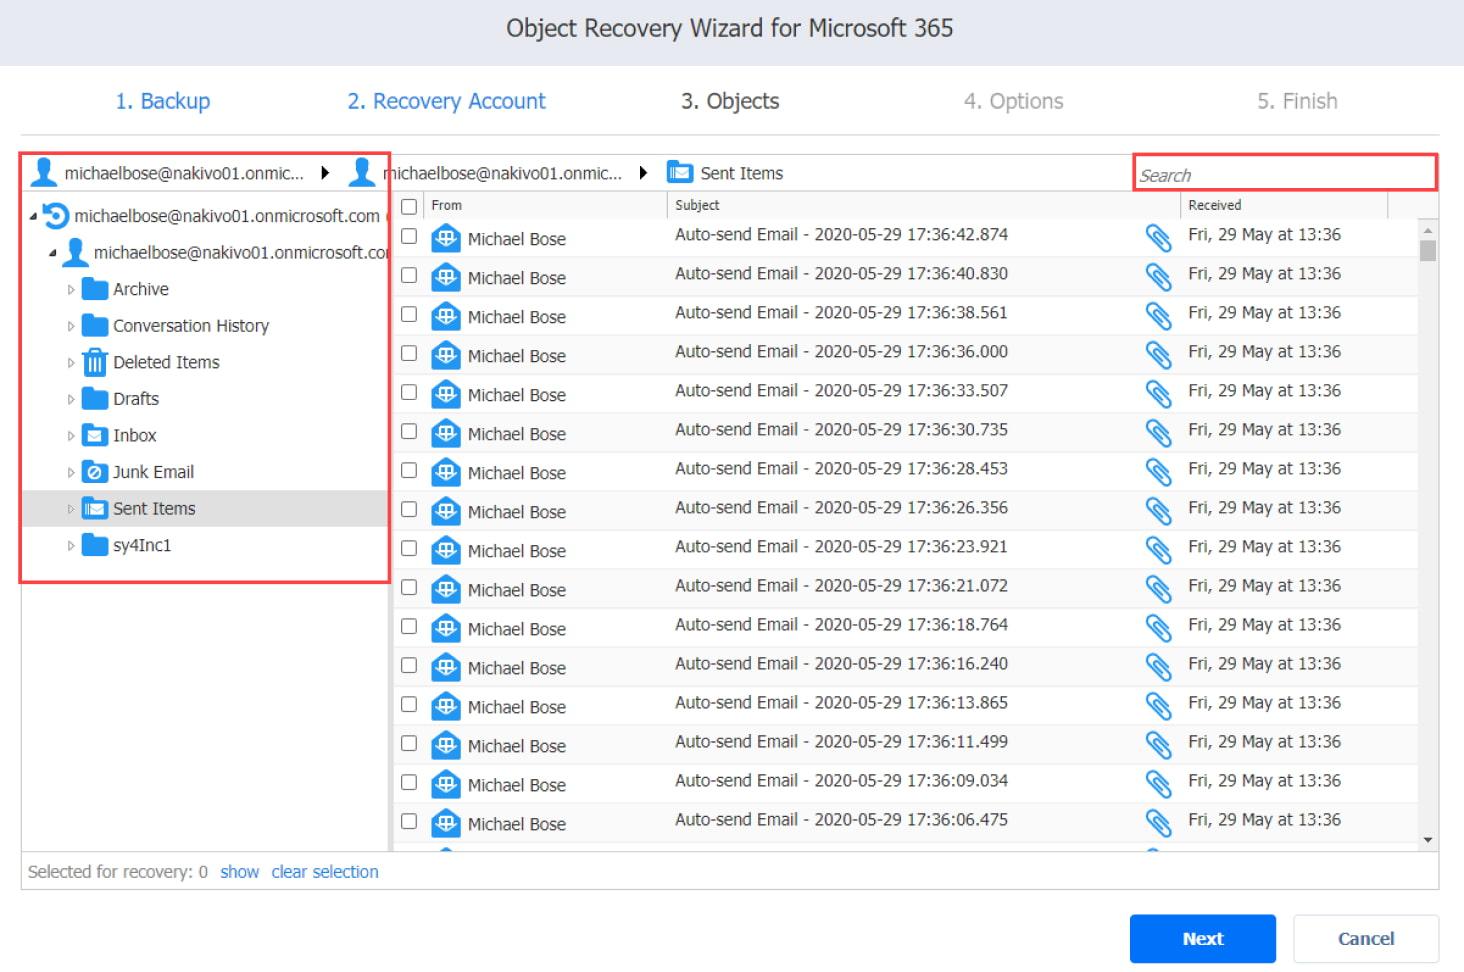 Asistente para jobs de recuperación de Microsoft 365: la página Objects